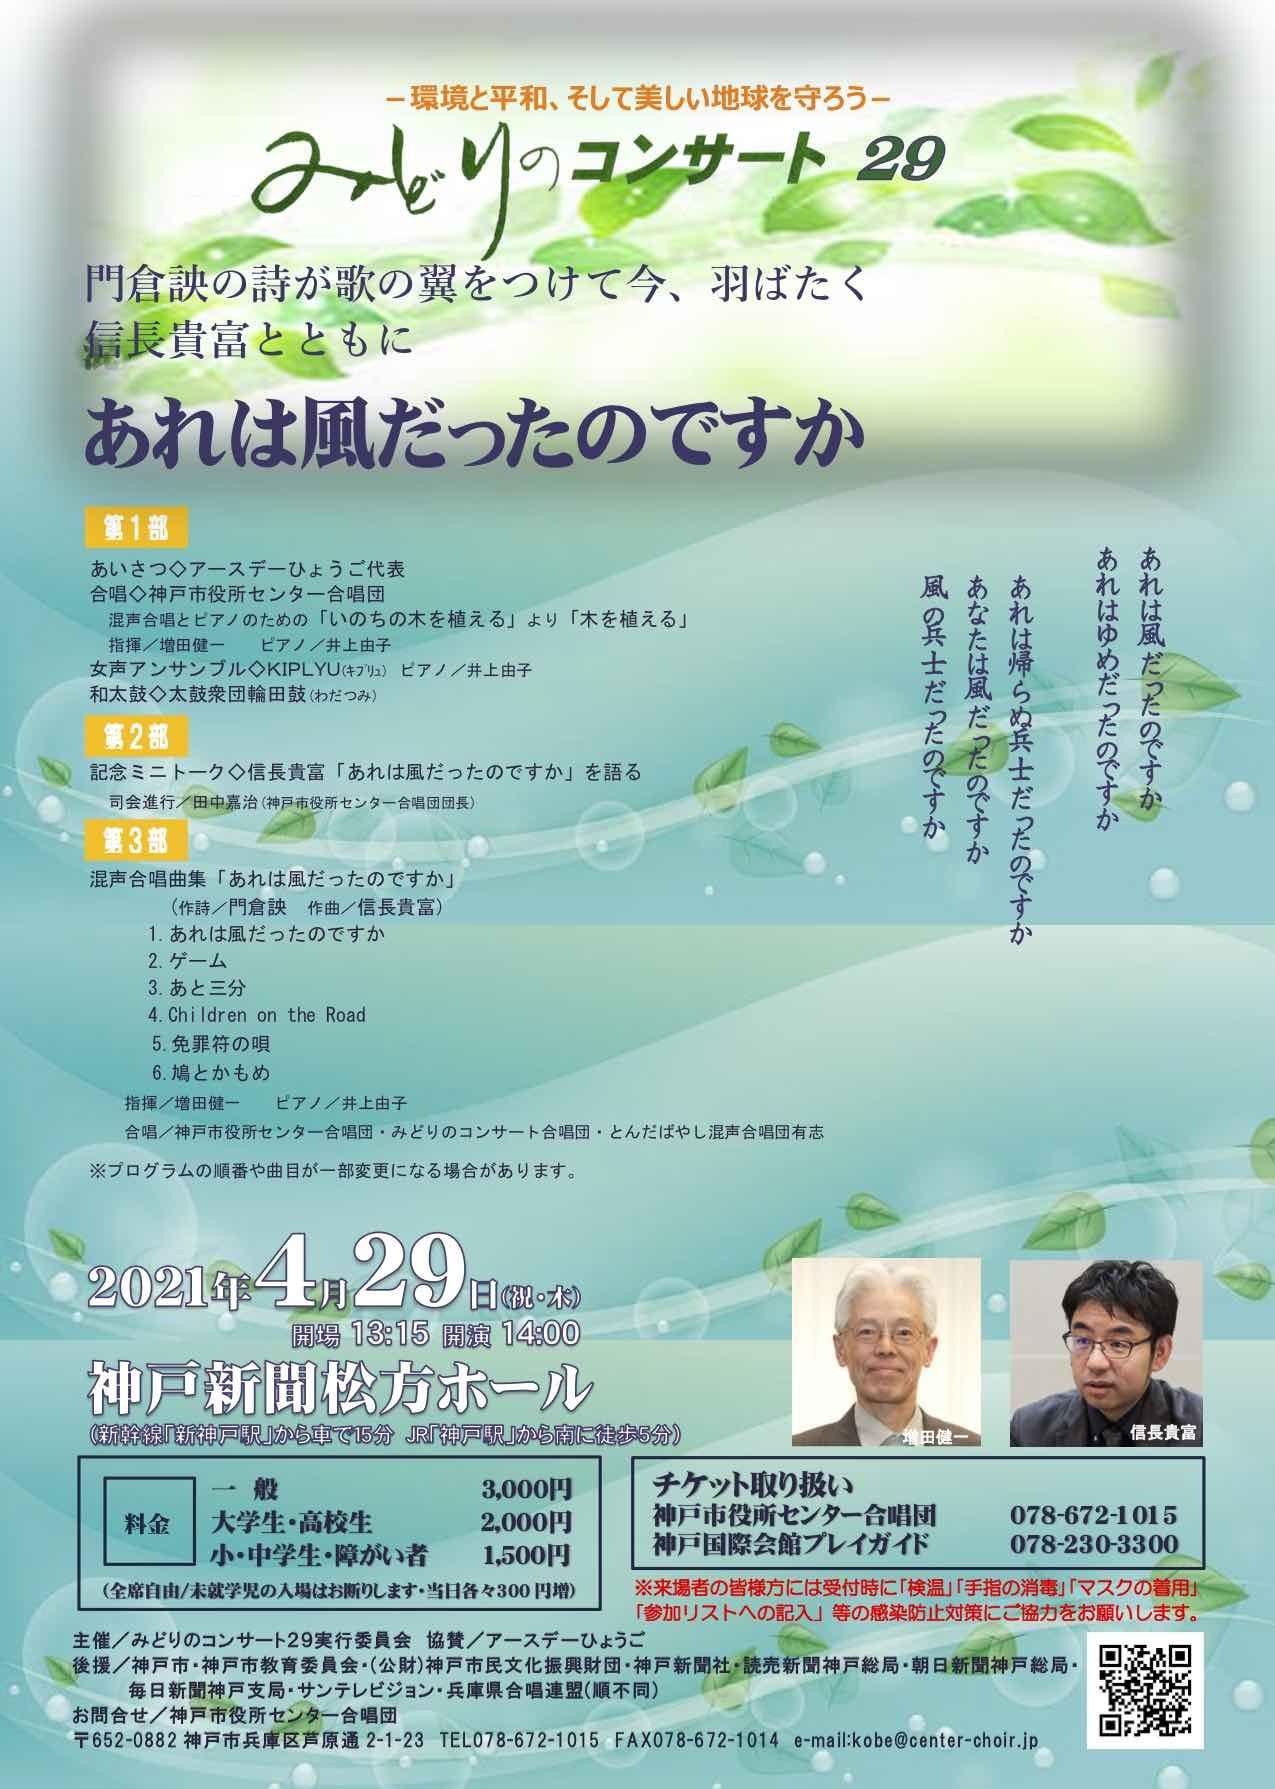 みどりのコンサート29 公演チケット発売中!(小・中学生・障害者)